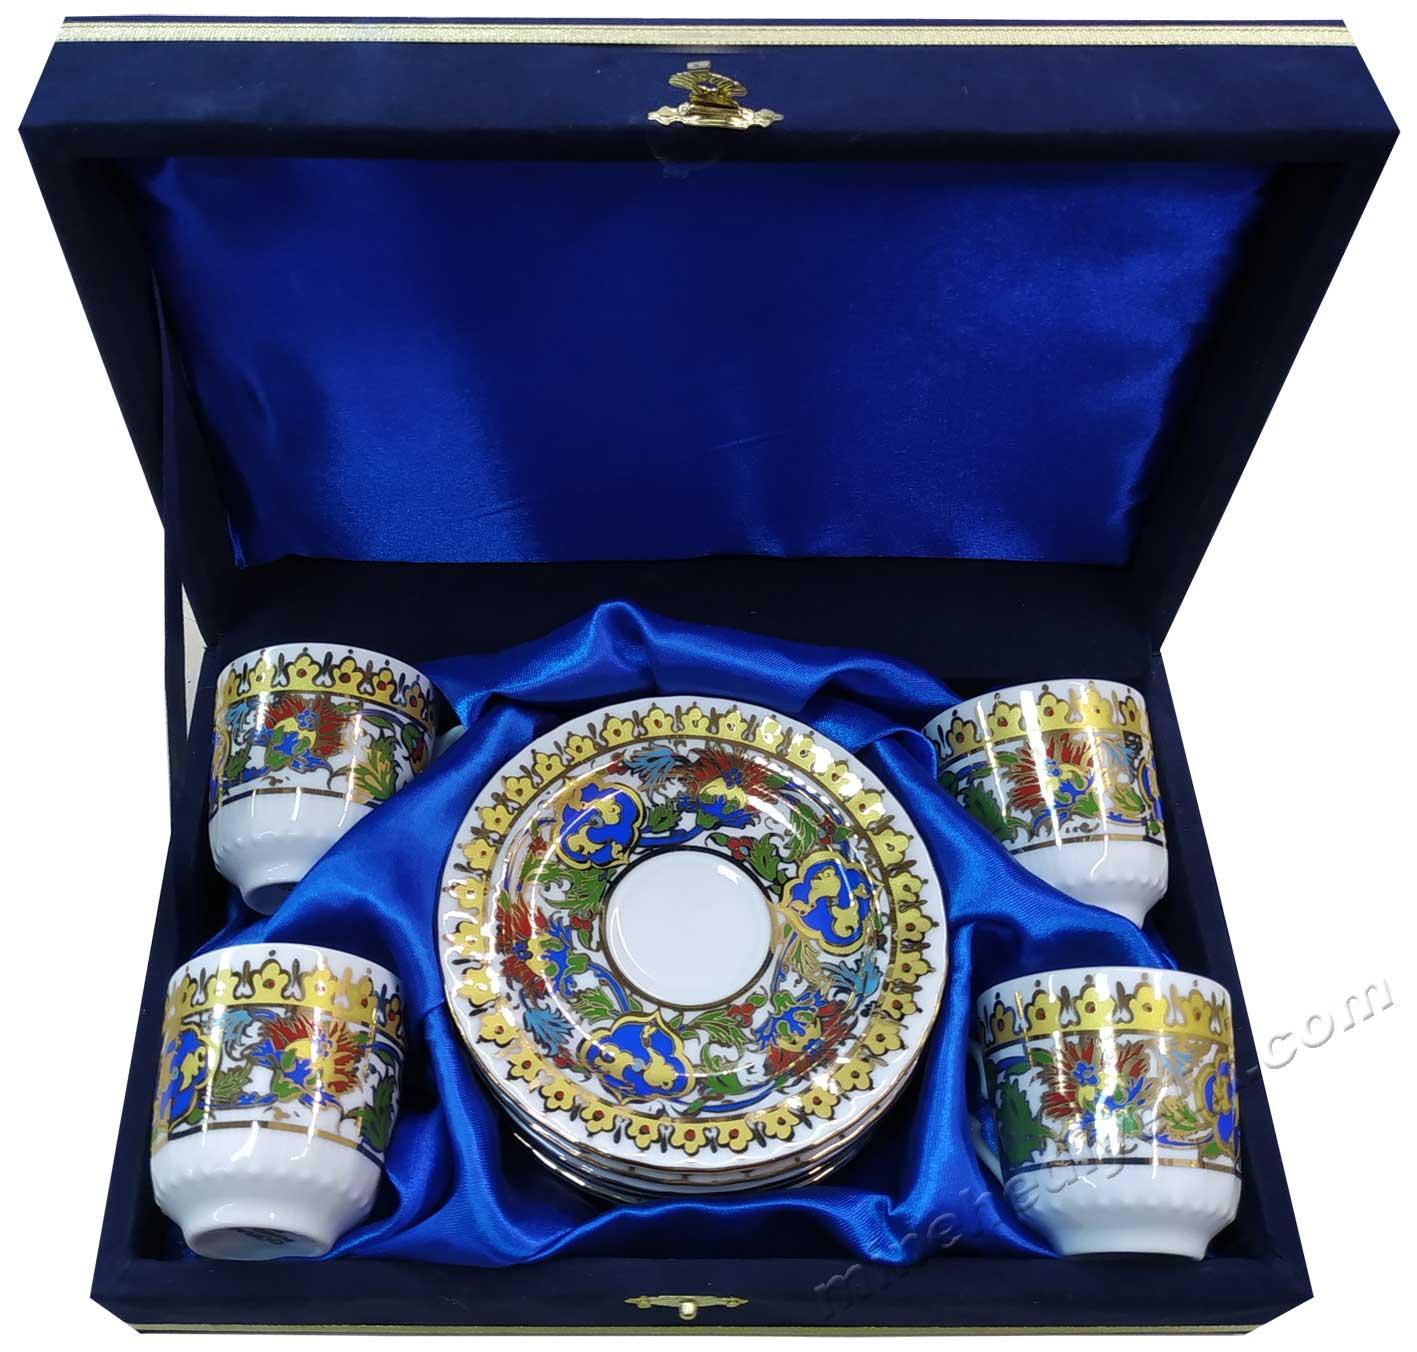 4 Kişilik Kahve Fincan Setleri Yabancı Misafirler İçin Türkiye ye Özgü Hediyeler Kadife Kutuda çini sanatı motifli türk kahvesi fincanı seti 4 lü fincan kutusu